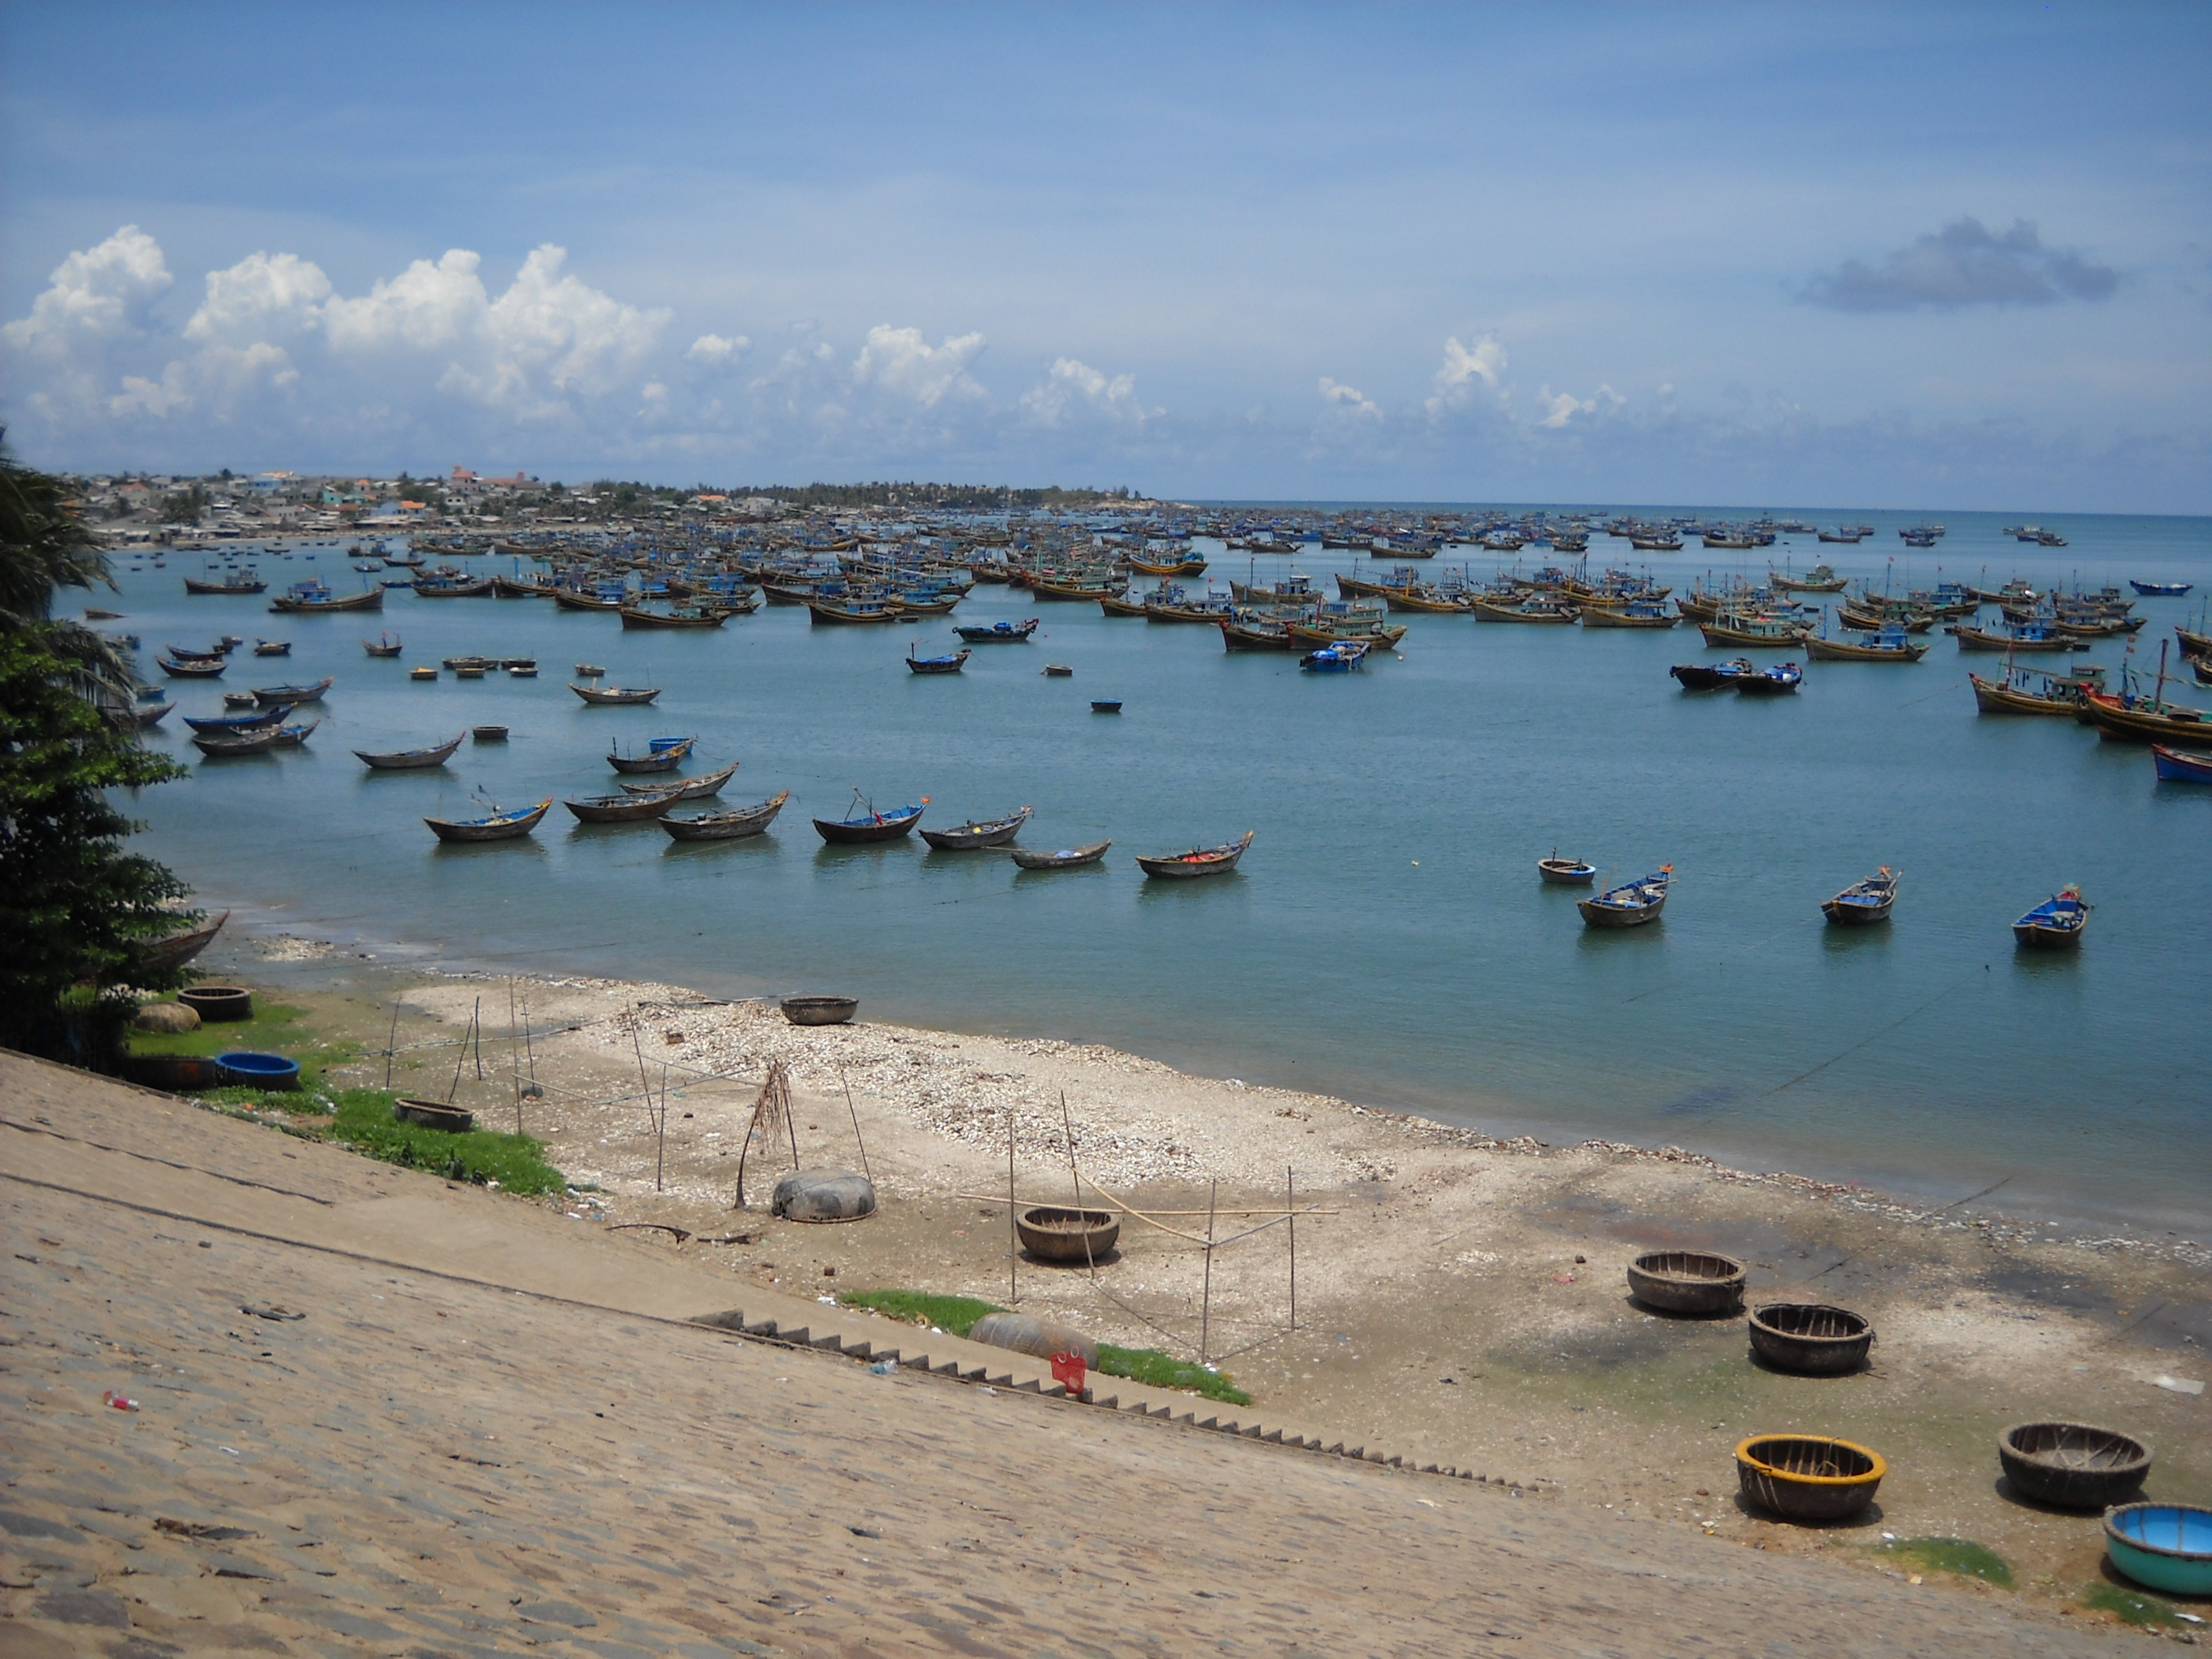 Bán nhớt Motul chính hãng tại Bình Thuận